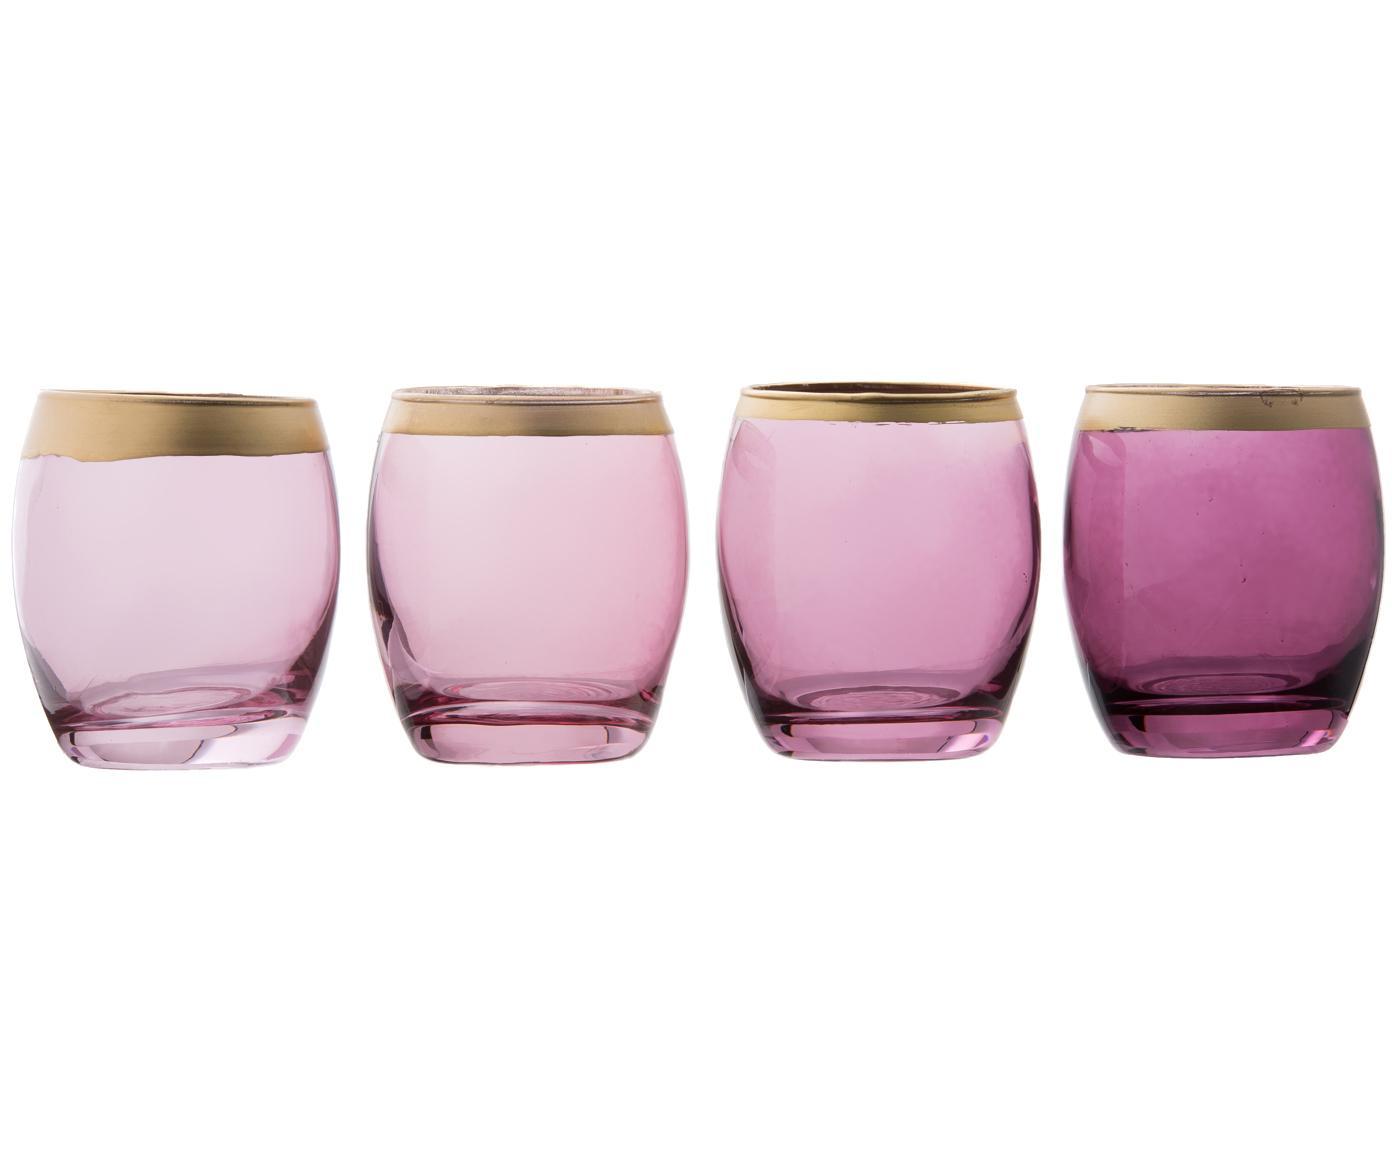 Komplet świeczników na podgrzewacze Jolina, 4 elem., Szkło lakierowane, Świecznik na podgrzewacze: odcienie fioletowego, transparentny Krawędź: odcienie, Ø 8 x W 9 cm